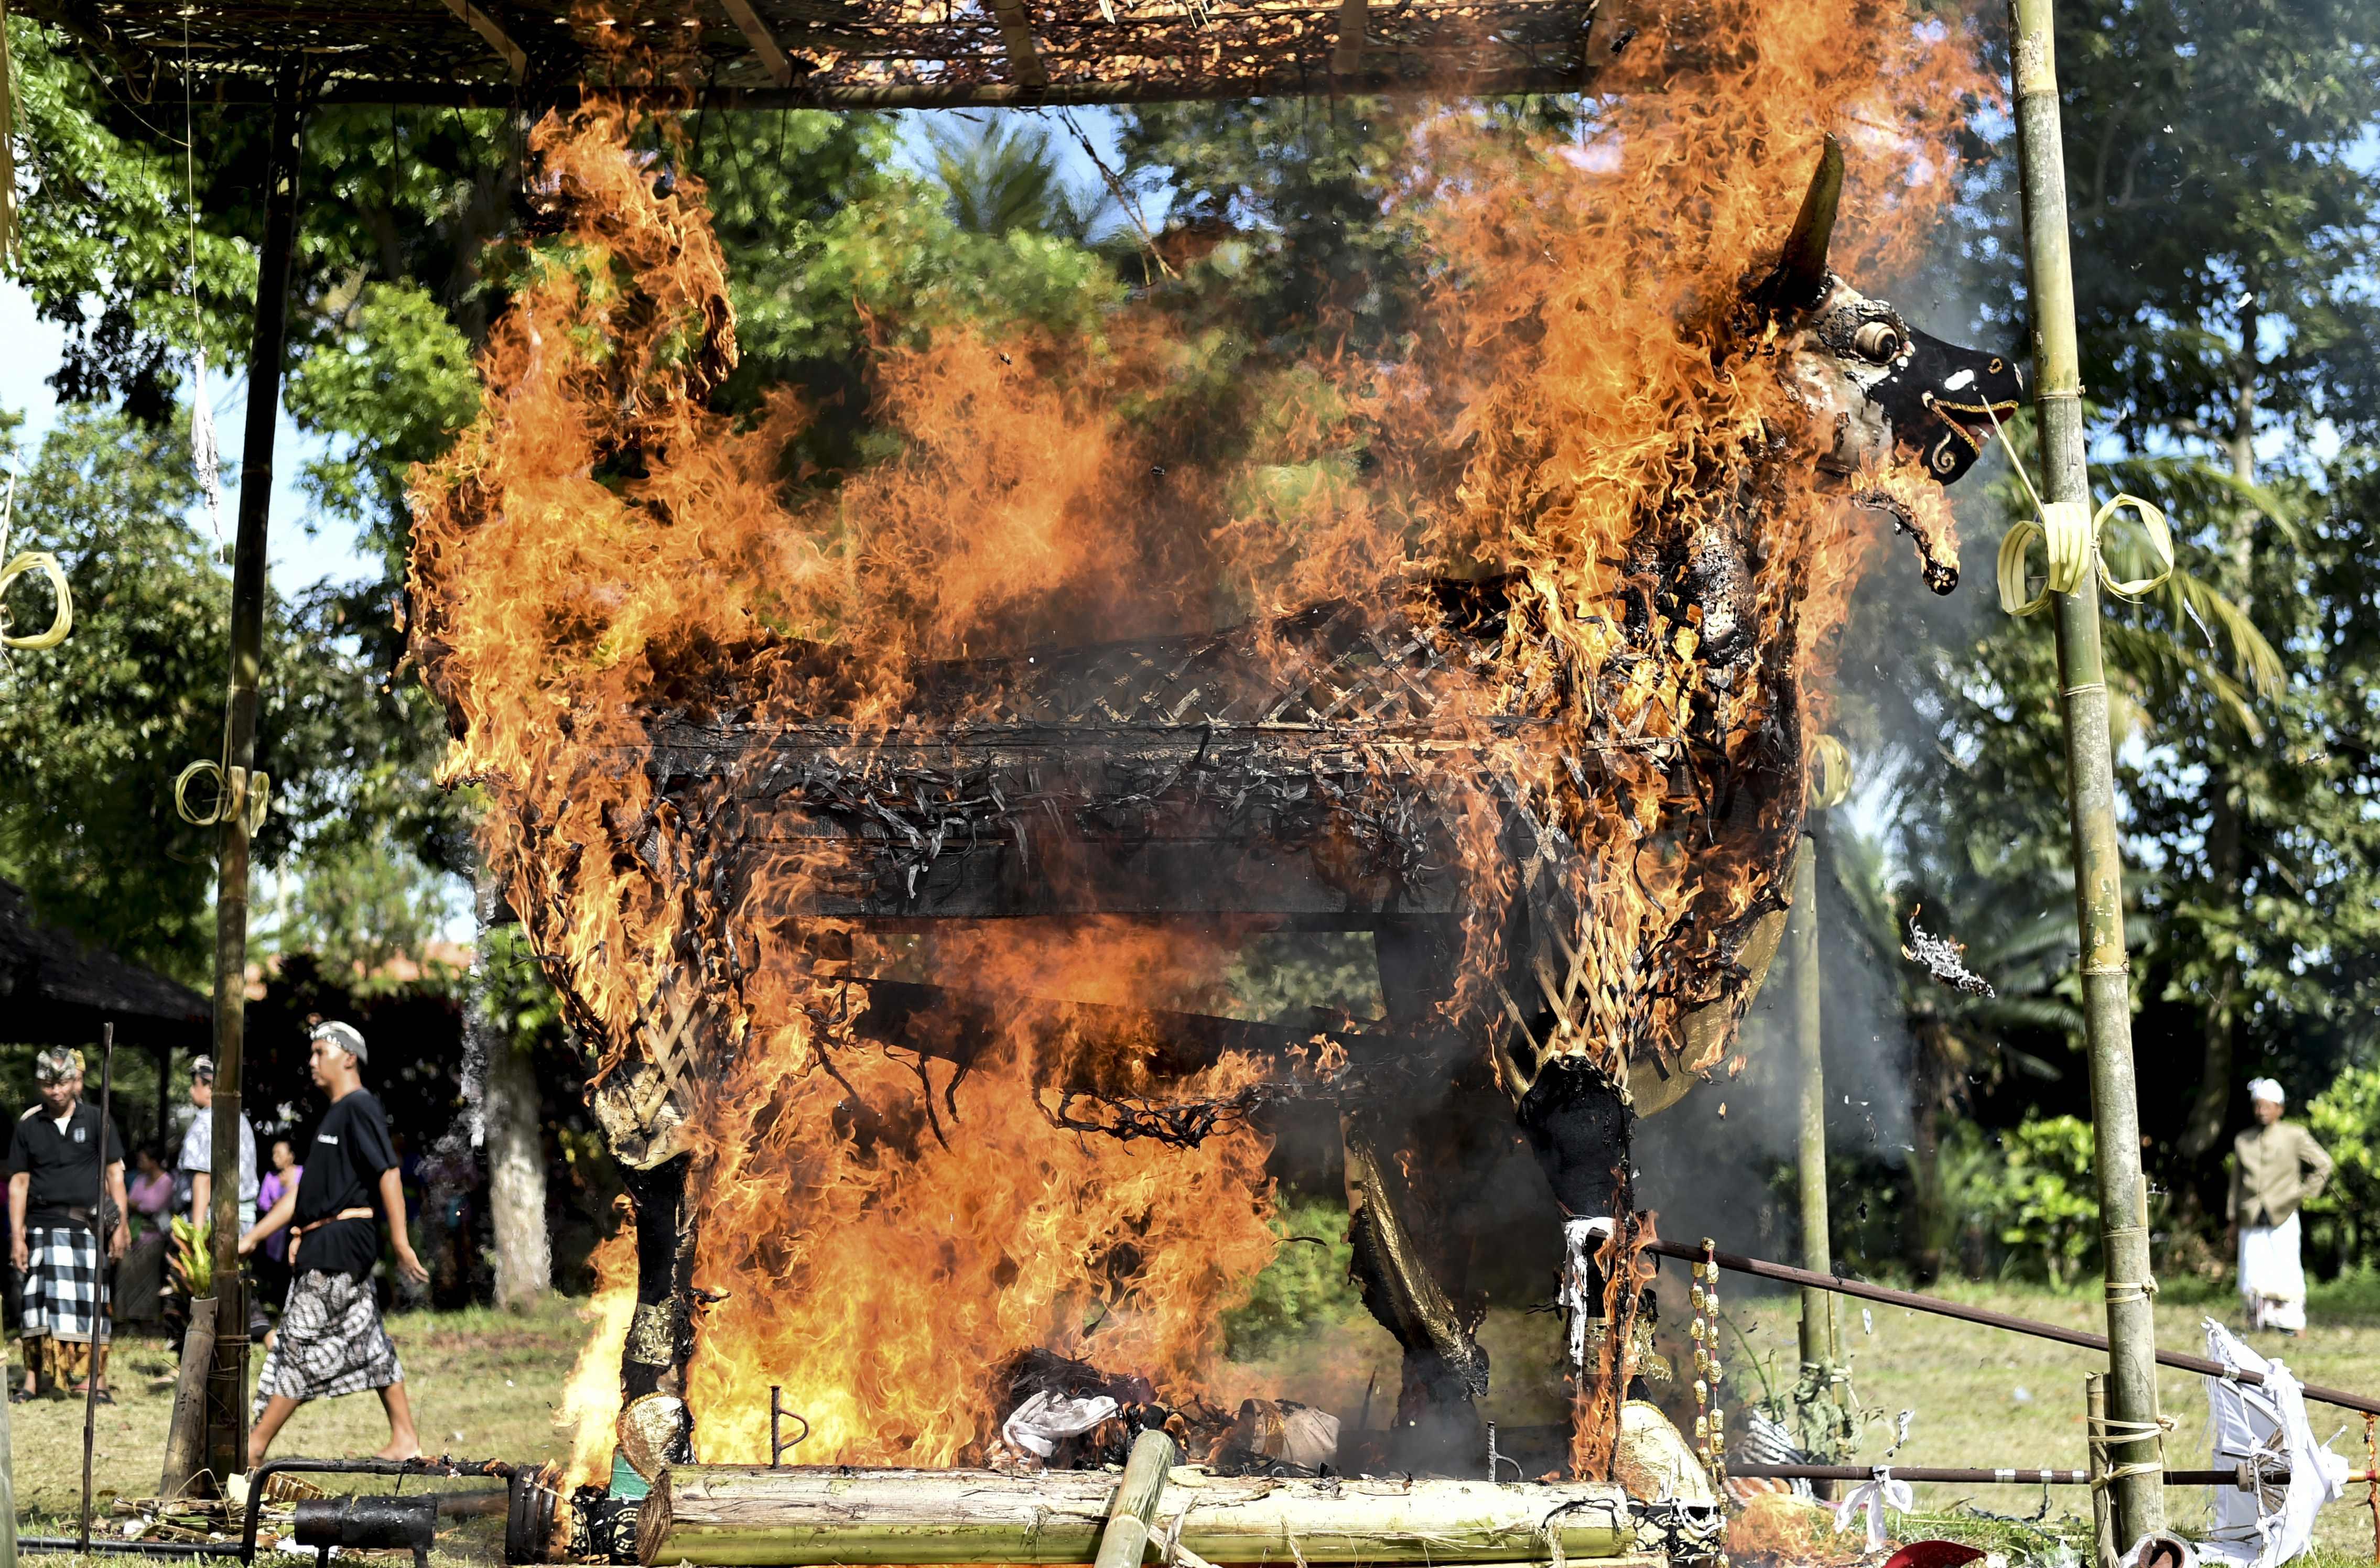 لحظة اشعال النيران فى إحدى الجثث